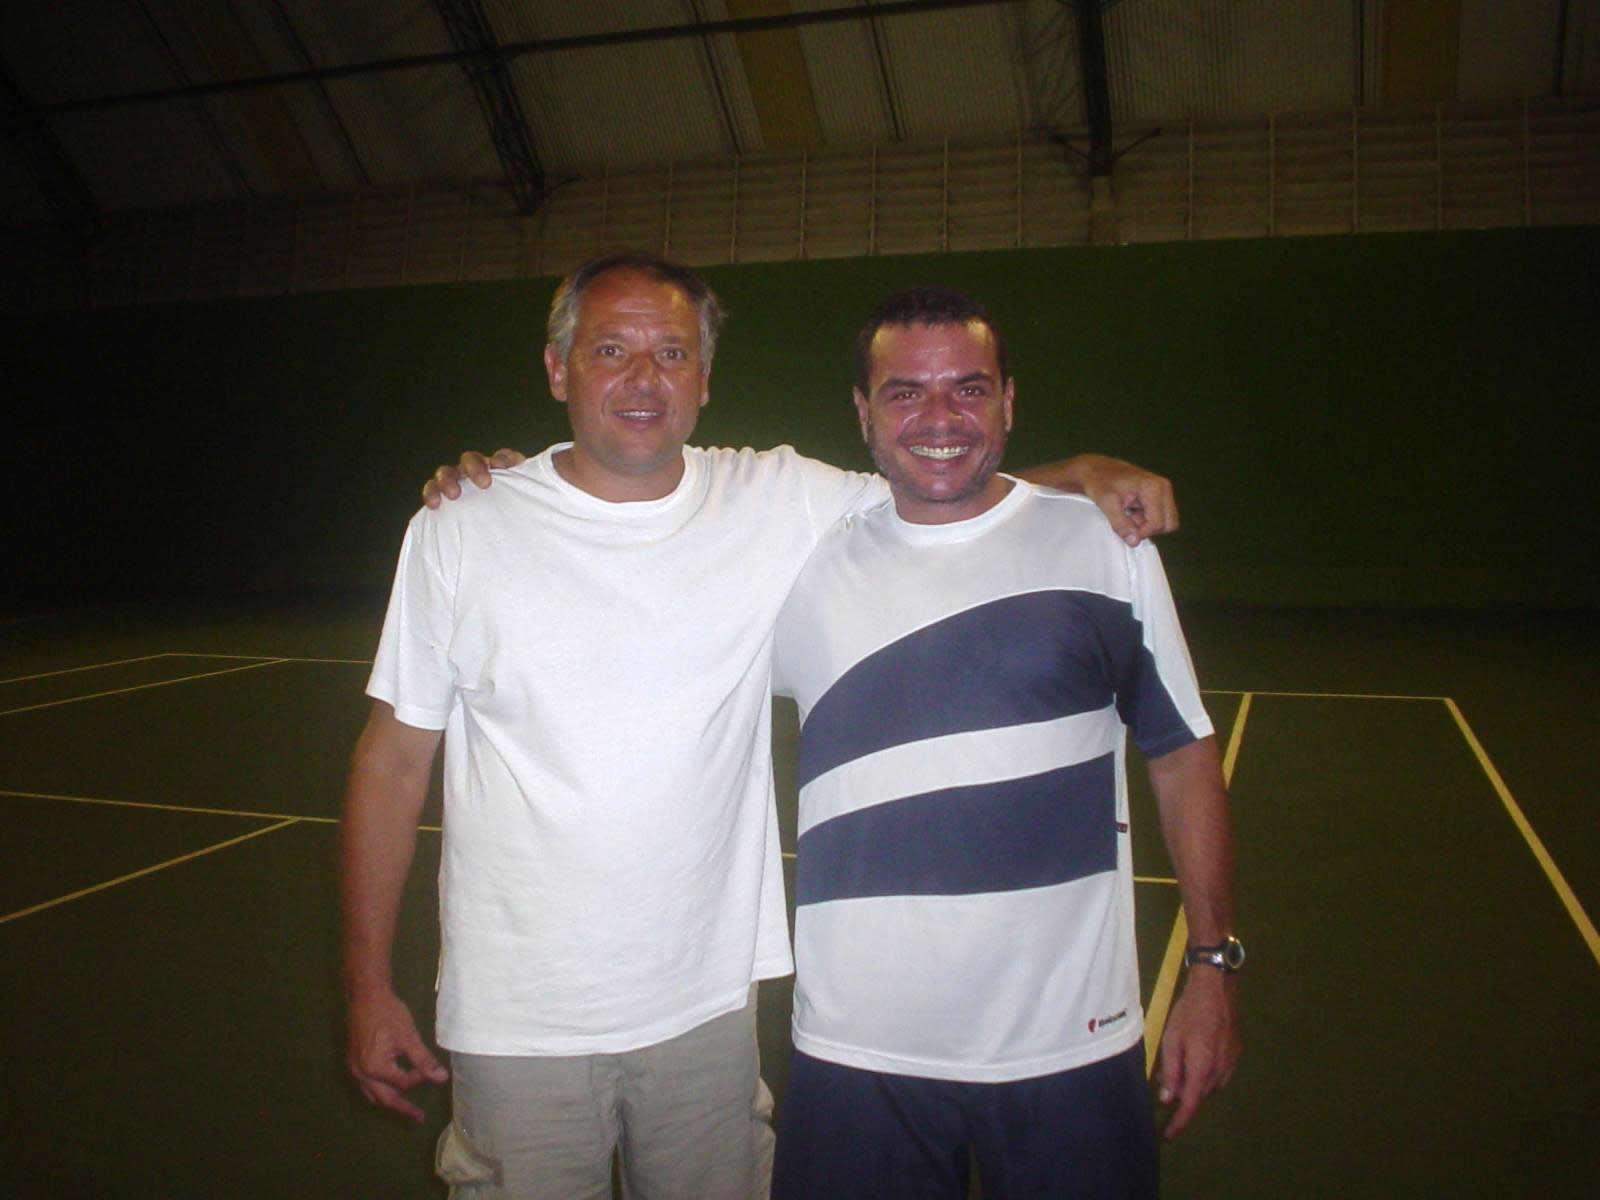 Dácio Campos in Tennis court